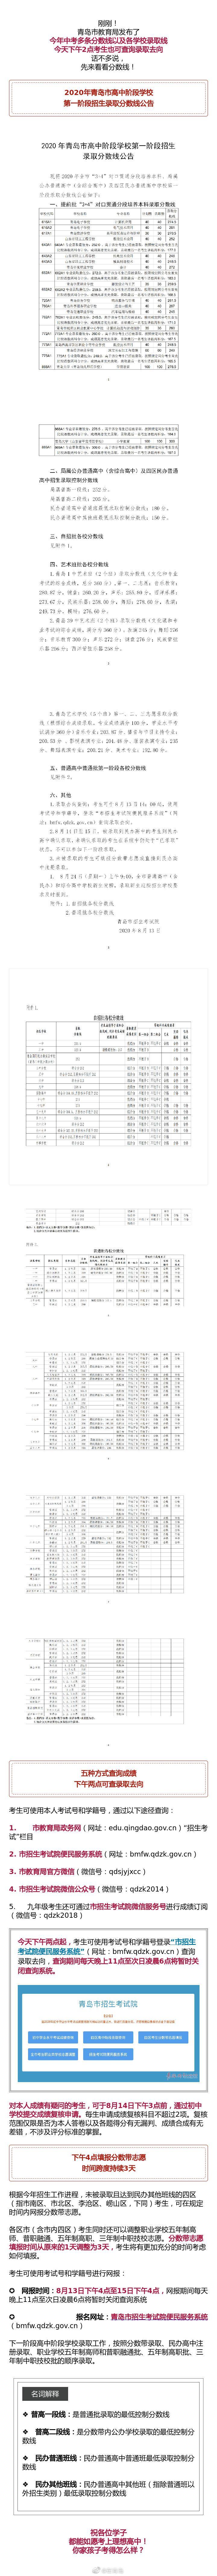 2020青岛中考分数线公布!二中普通班324.5分、五十八中普通班31